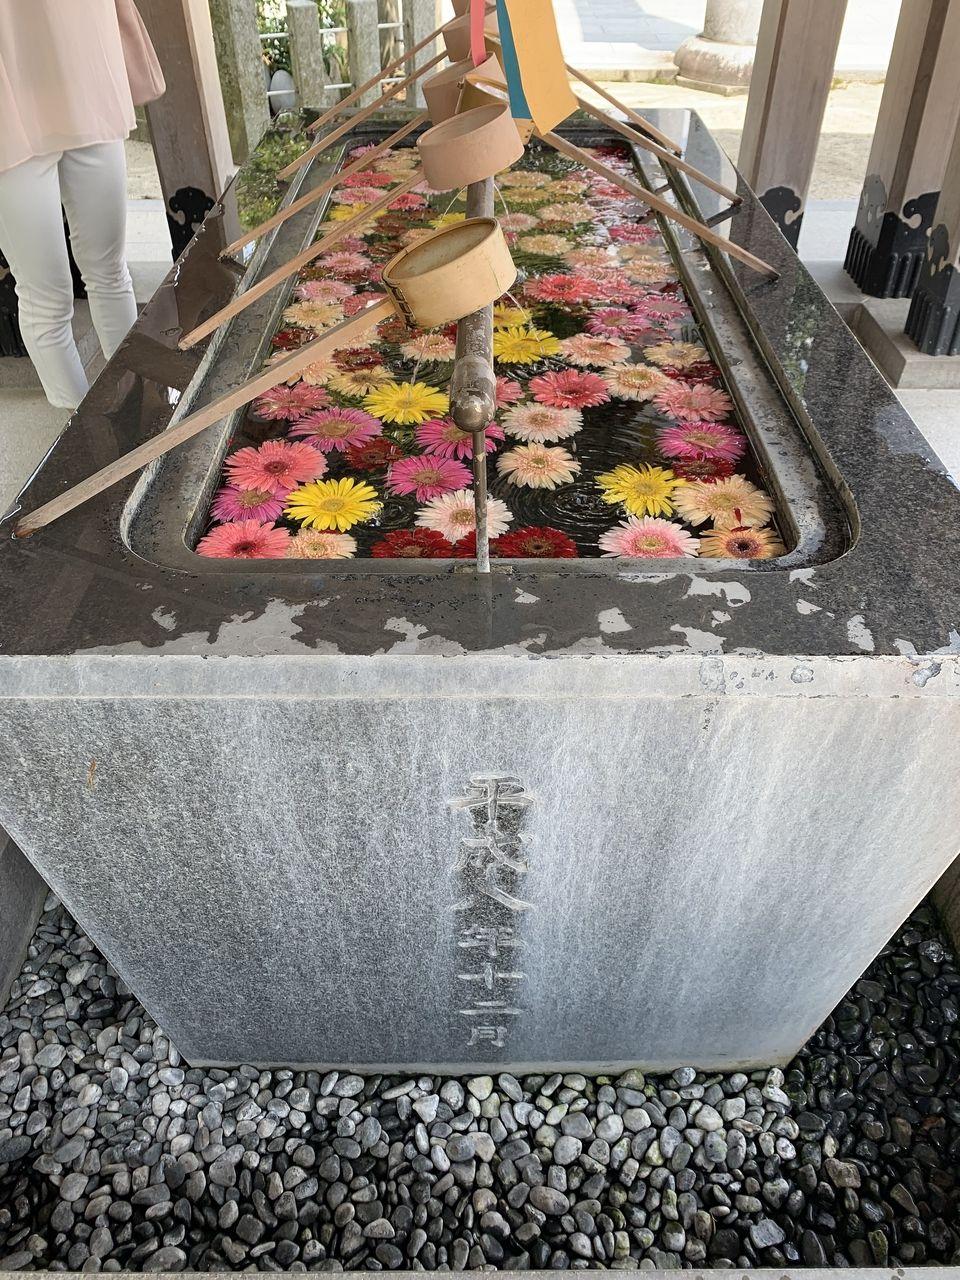 春日神社の手水舎がガーベラで飾られていました